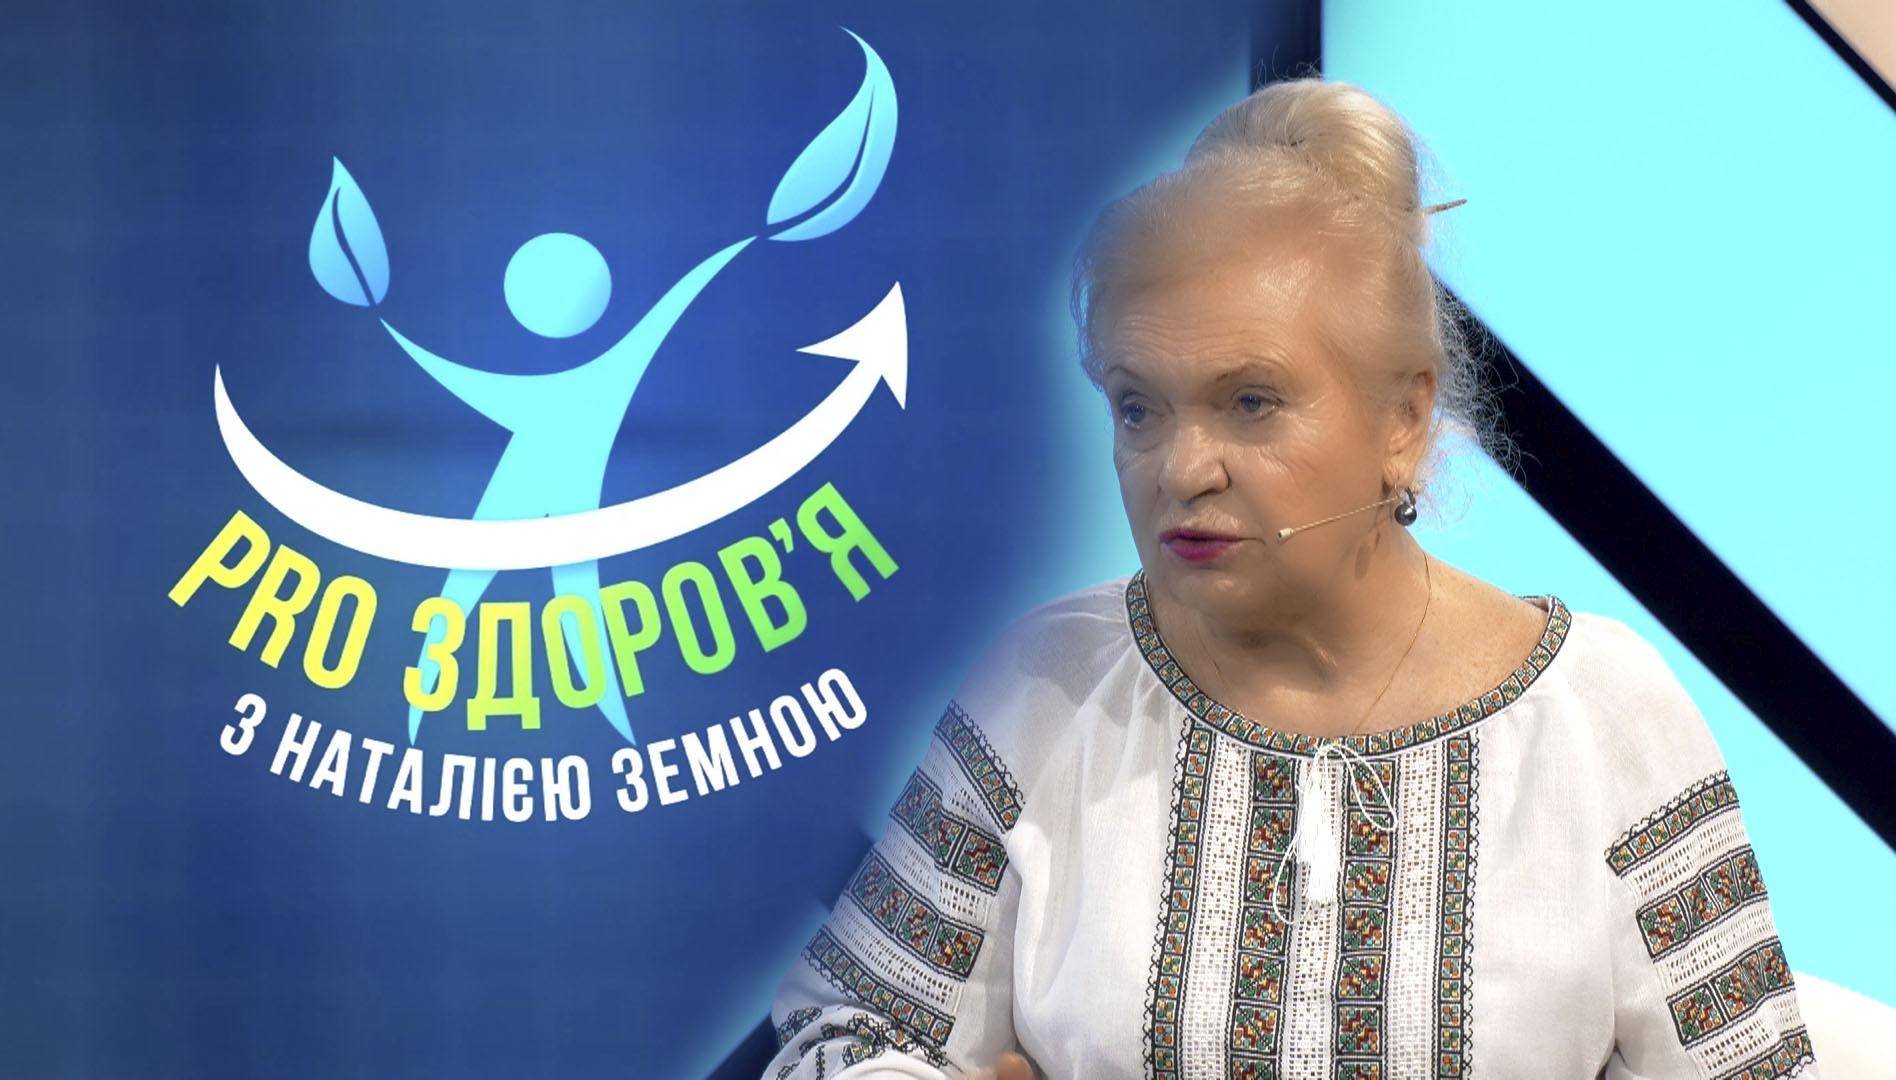 """""""PRO здоров'я"""" з Наталією Земною"""